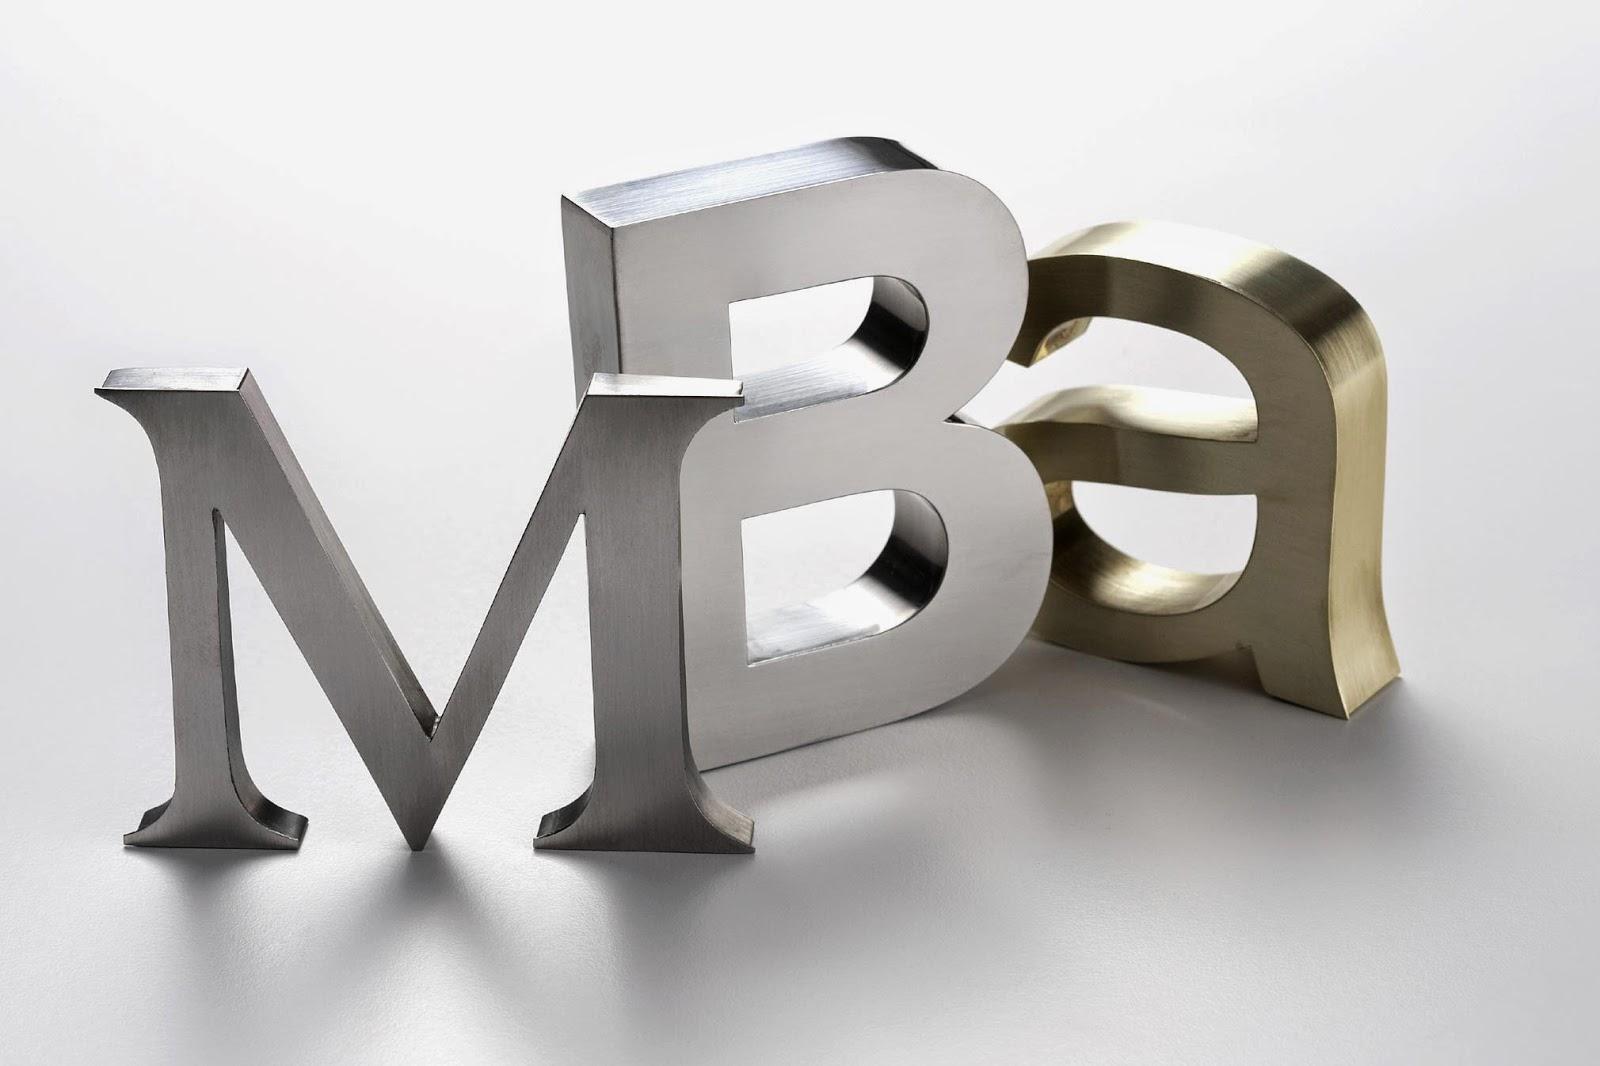 Παράταση υποβολής αιτήσεων για το ΜΒΑ πλήρους φοίτησης του Πανεπιστημίου Πειραιώς